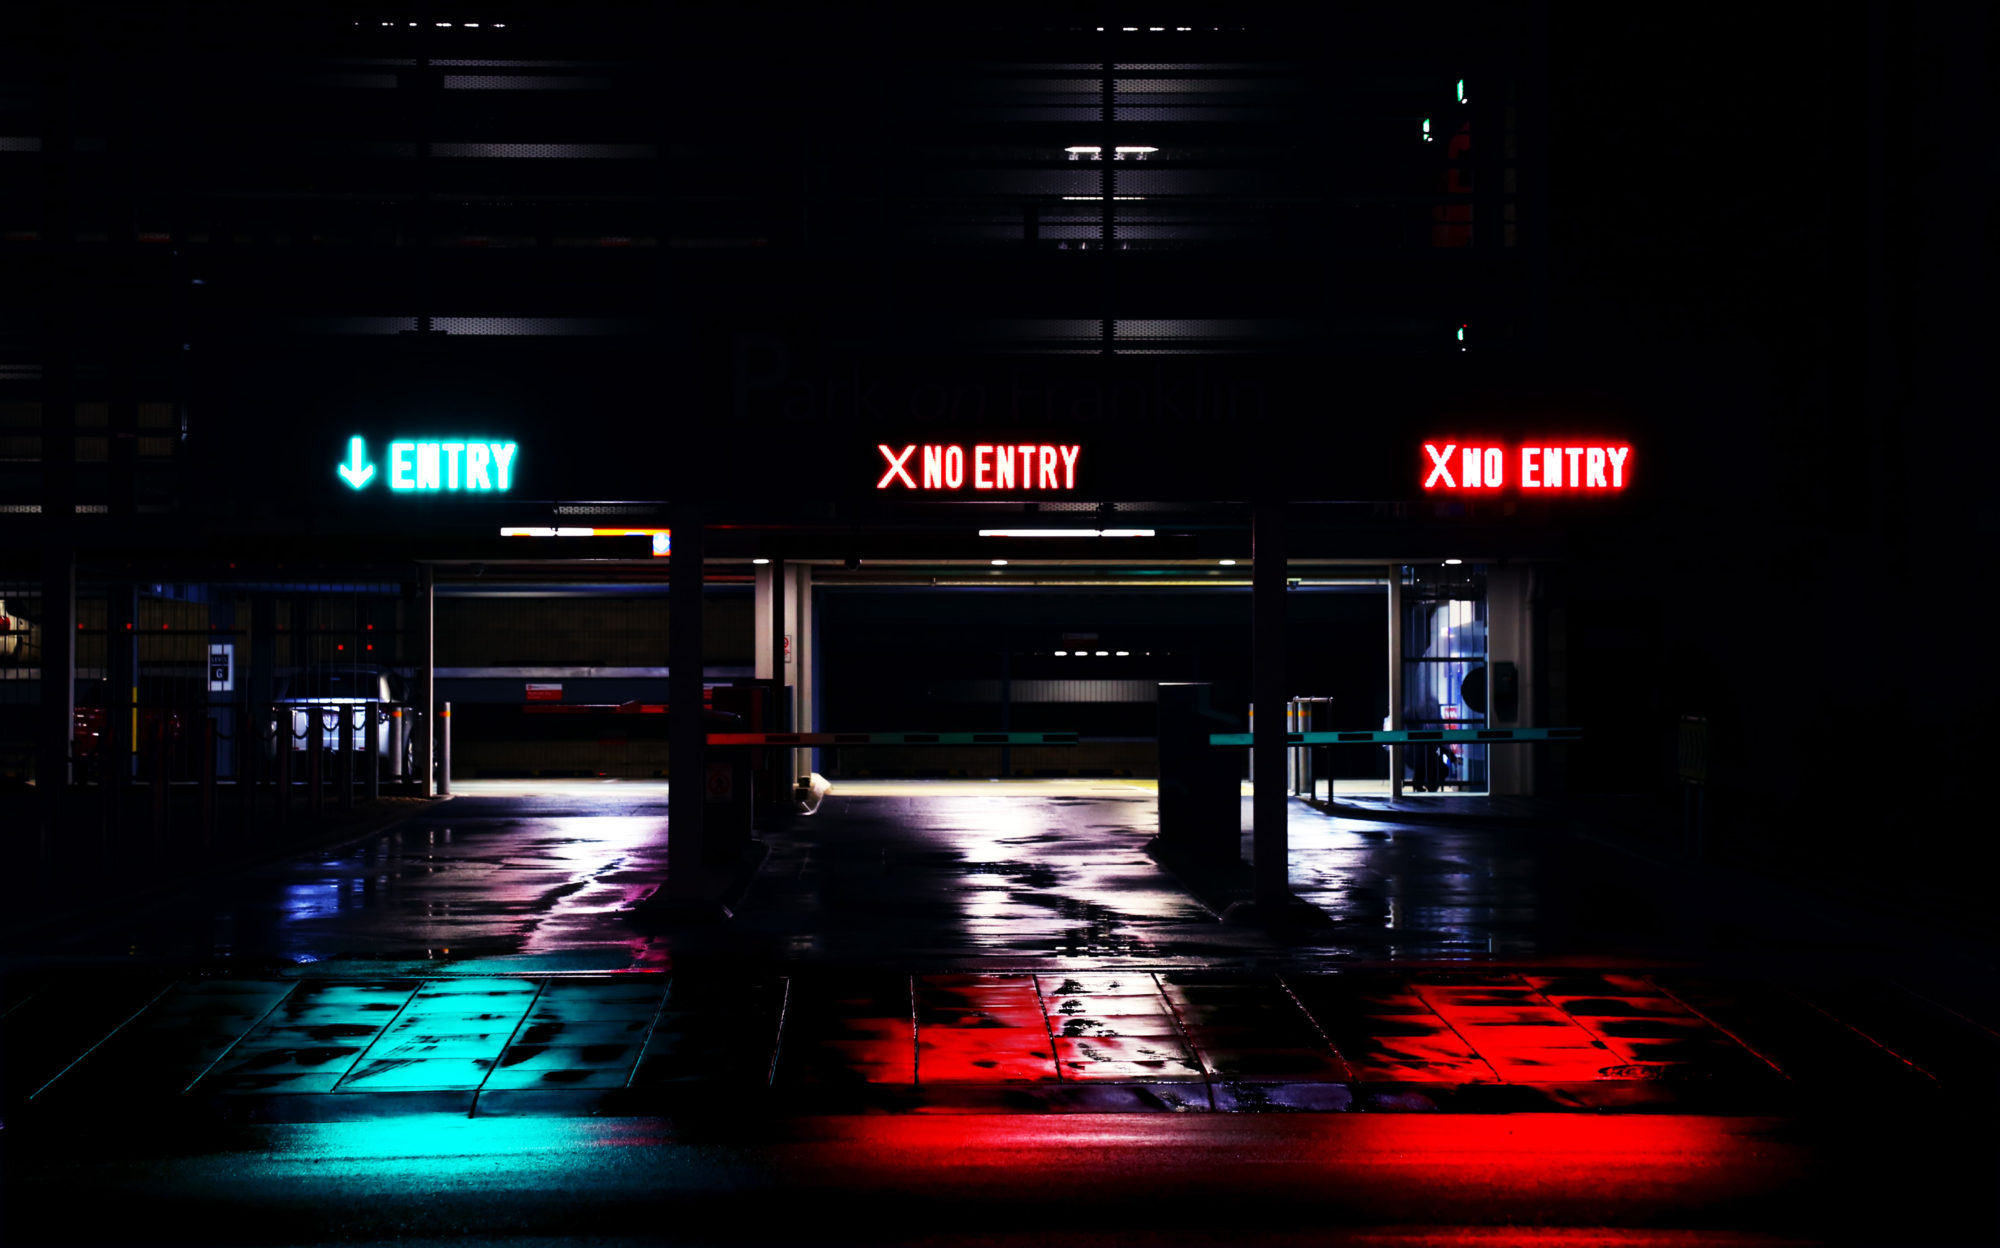 garage_signs_mike_wilson_unsplash_101716